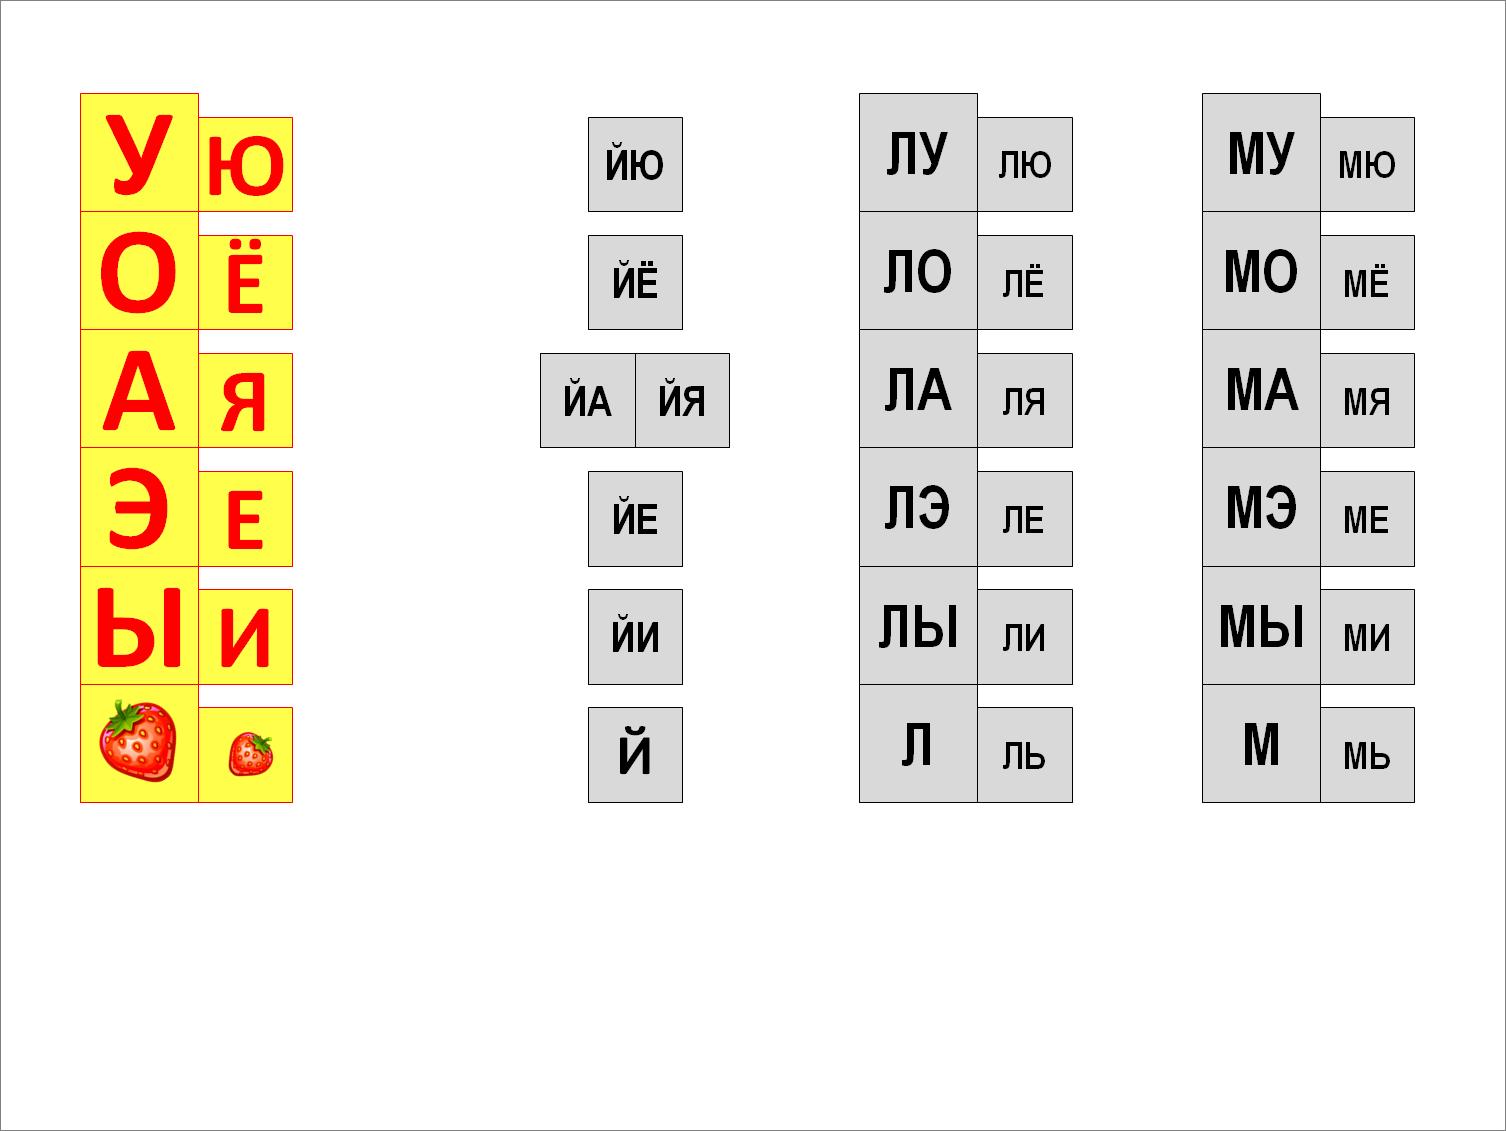 Кубики зайцева распечатать шаблоны